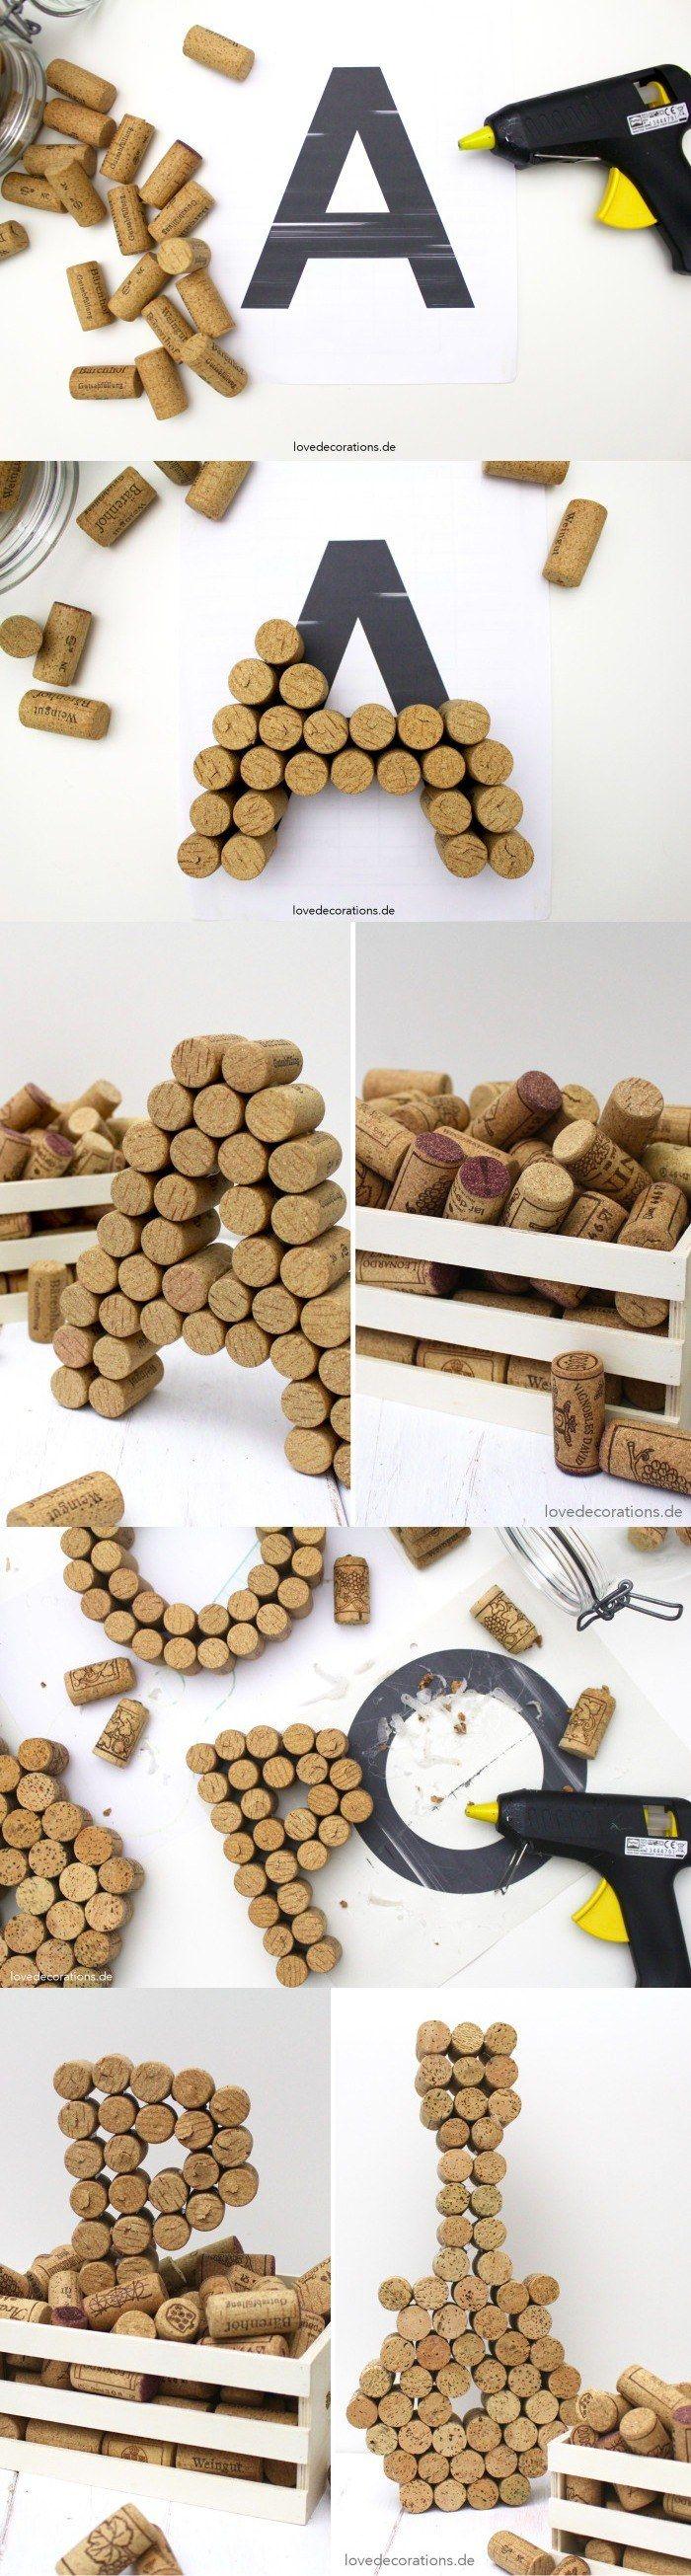 Letras para decorar con tapones de corcho tiendas comercios y escaparates letras decoradas - Letras de corcho decoradas ...